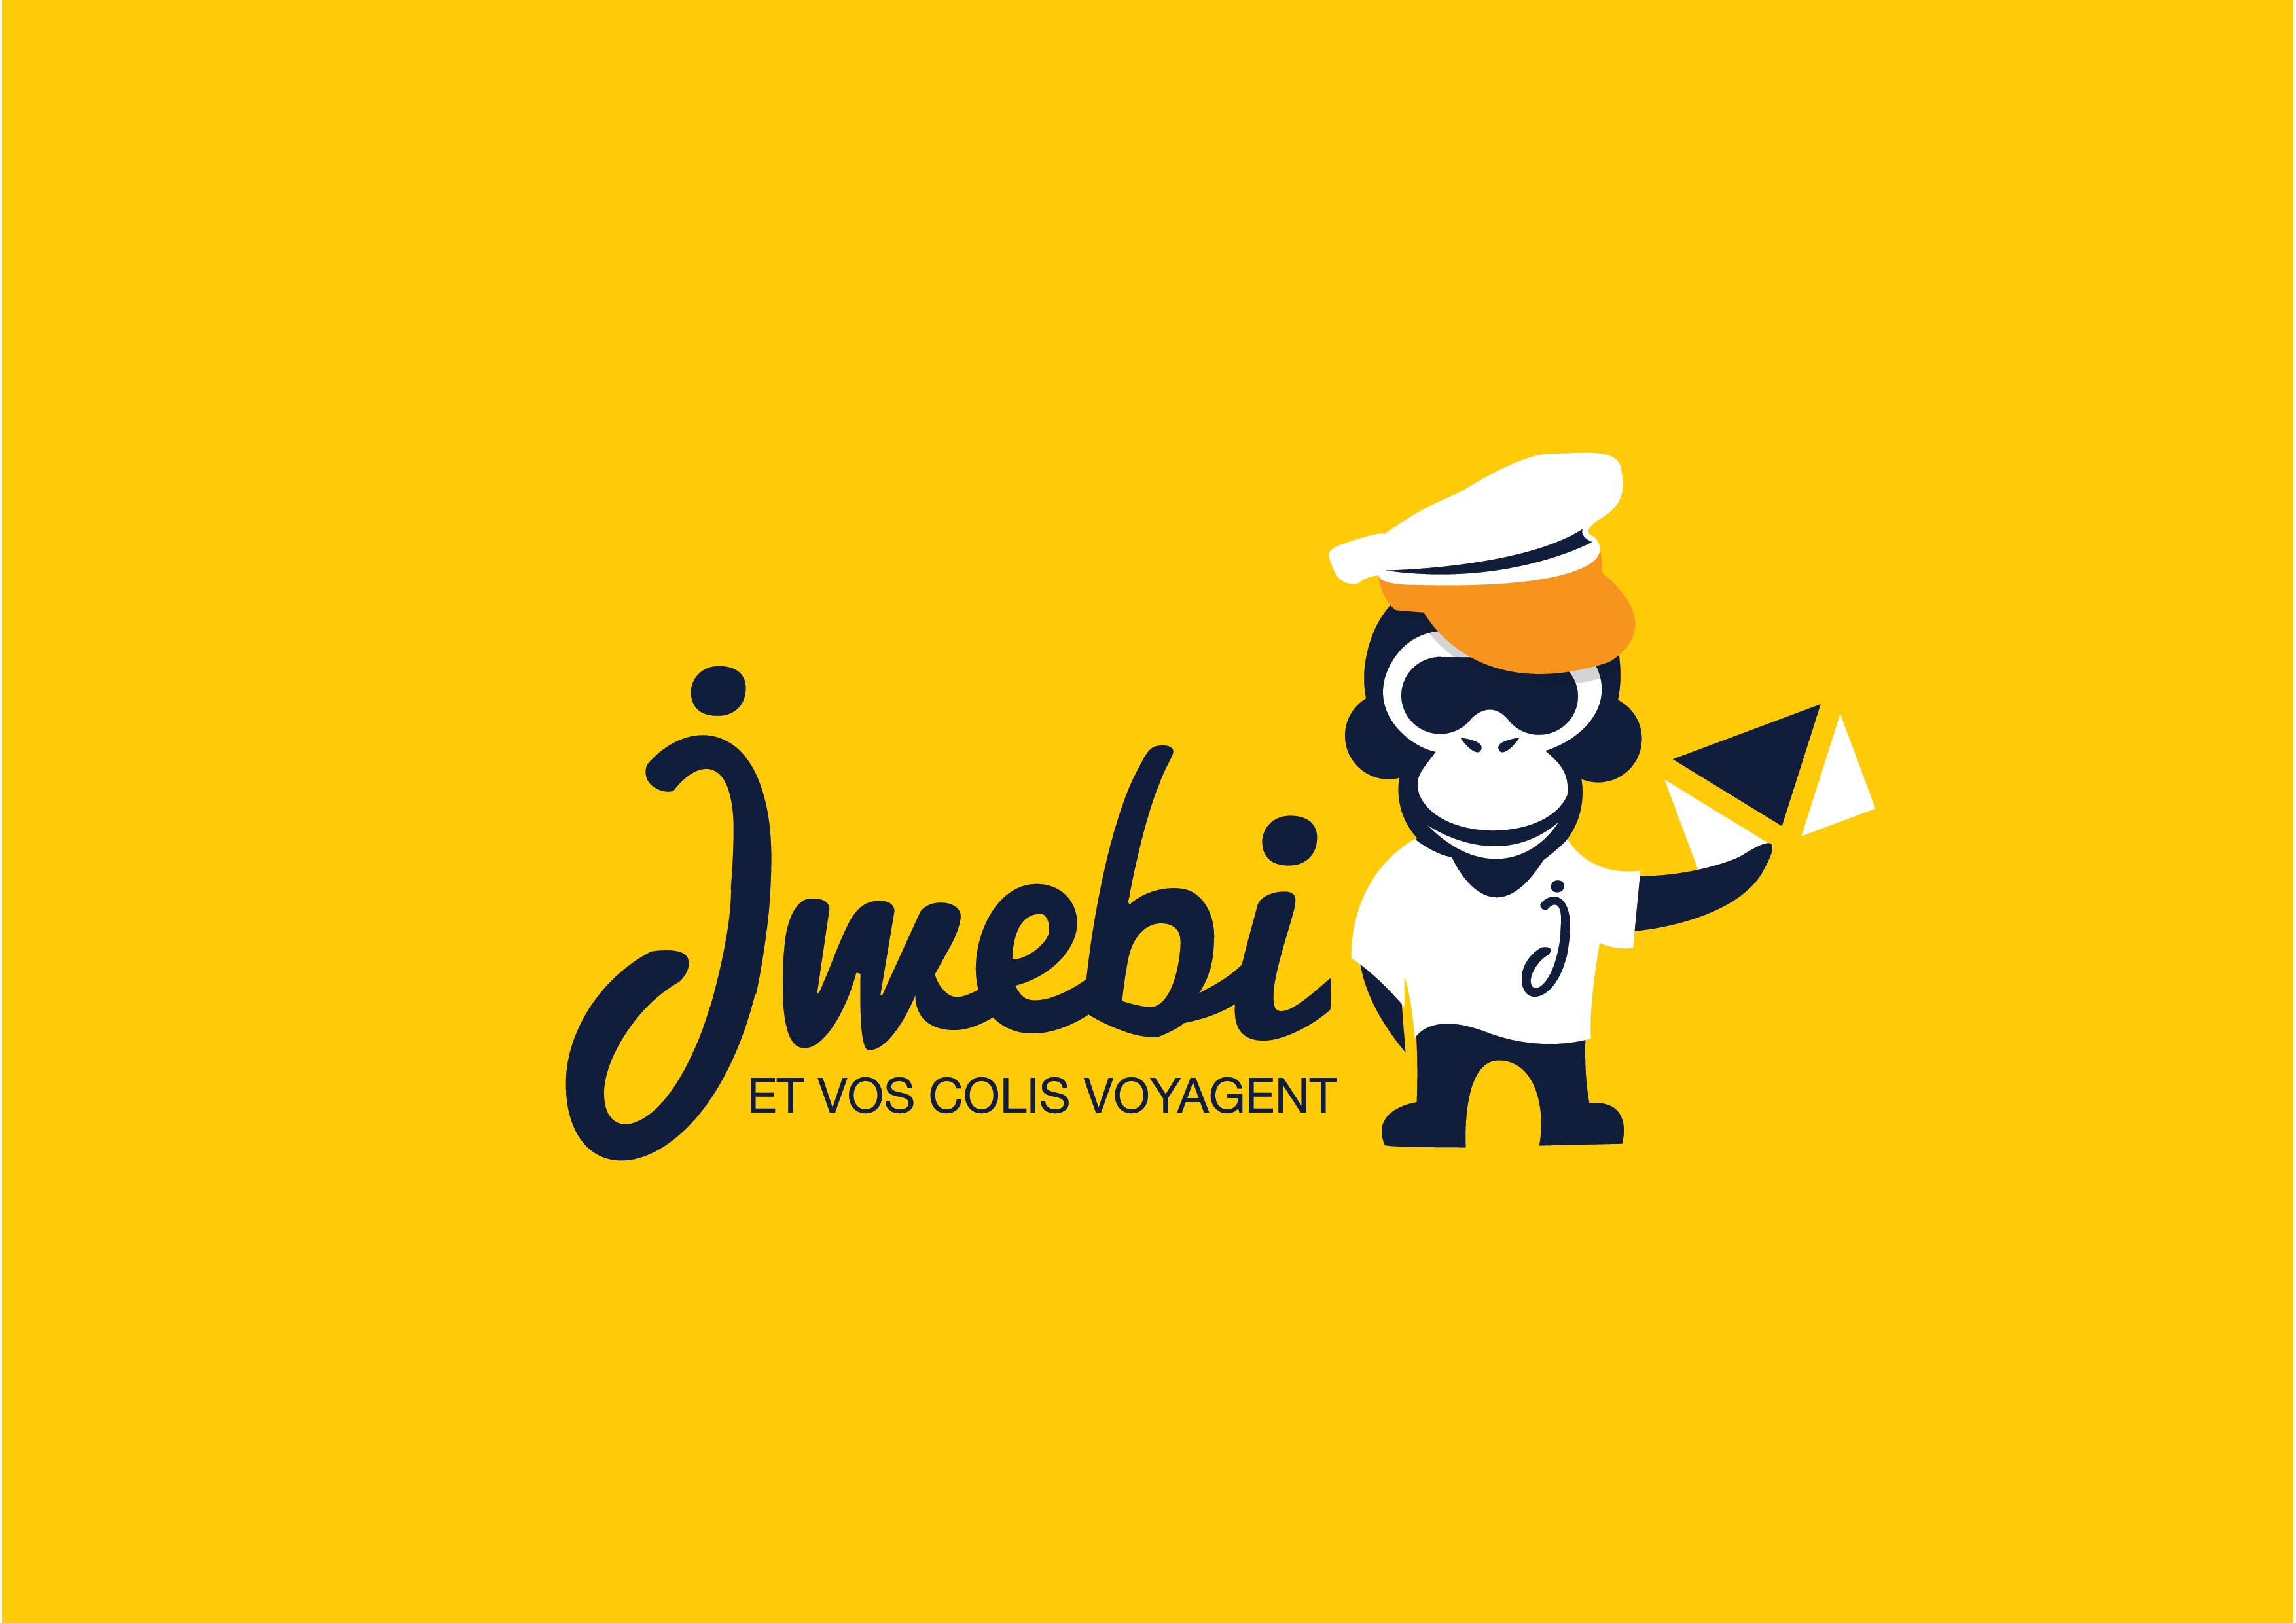 Jewbi.com